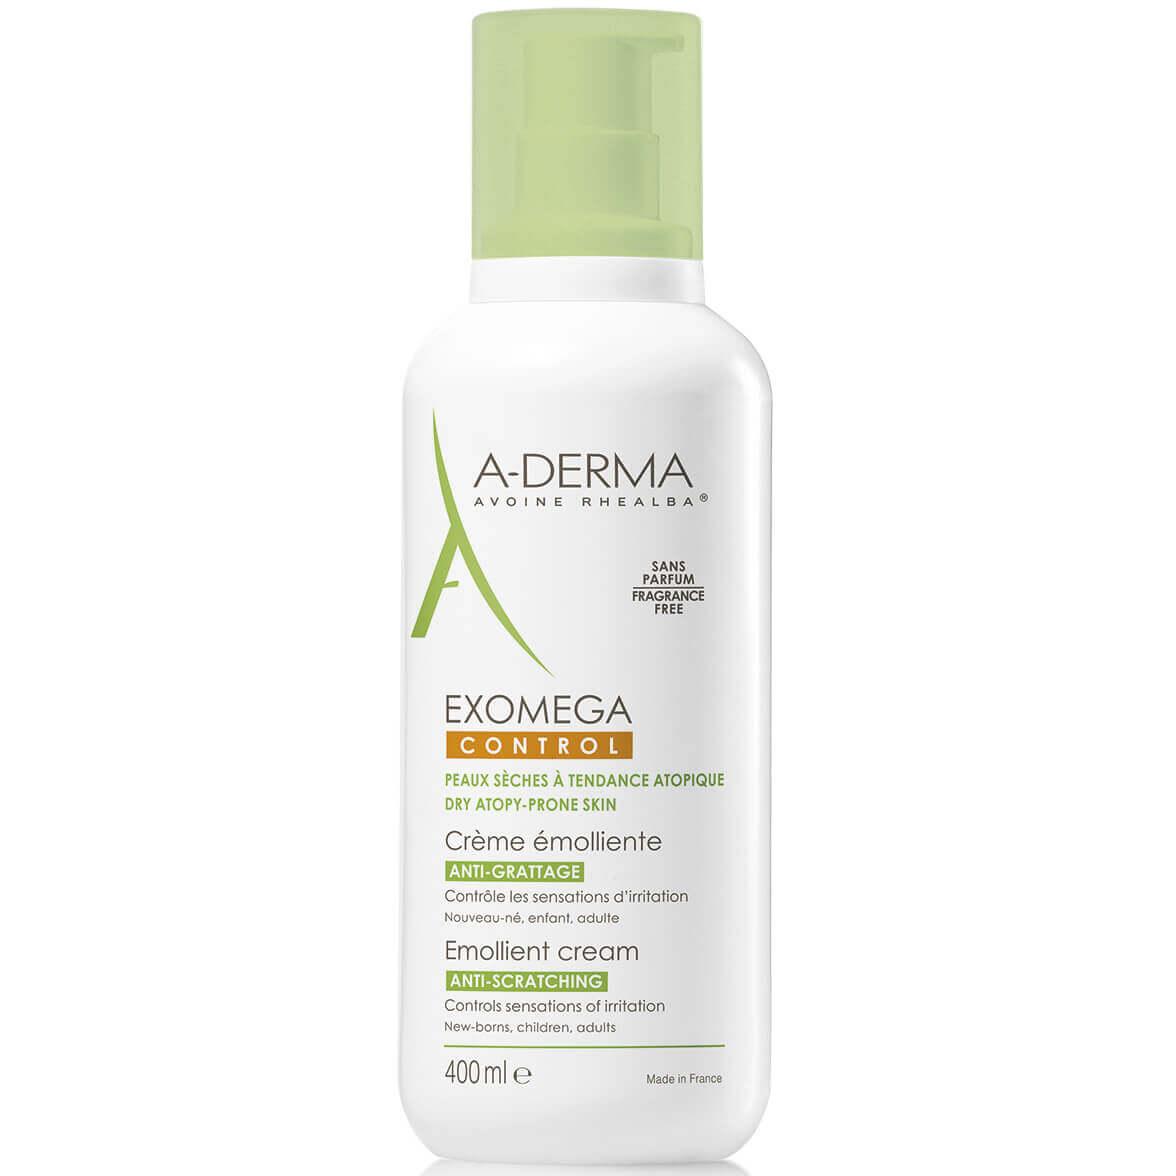 A-Derma Exomega Control Creme Emolliente Μαλακτική Καταπραϋντική Κρέμα για το Αίσθημα του Κνησμού σε Ξηρό Δέρμα 400ml Promo -15%